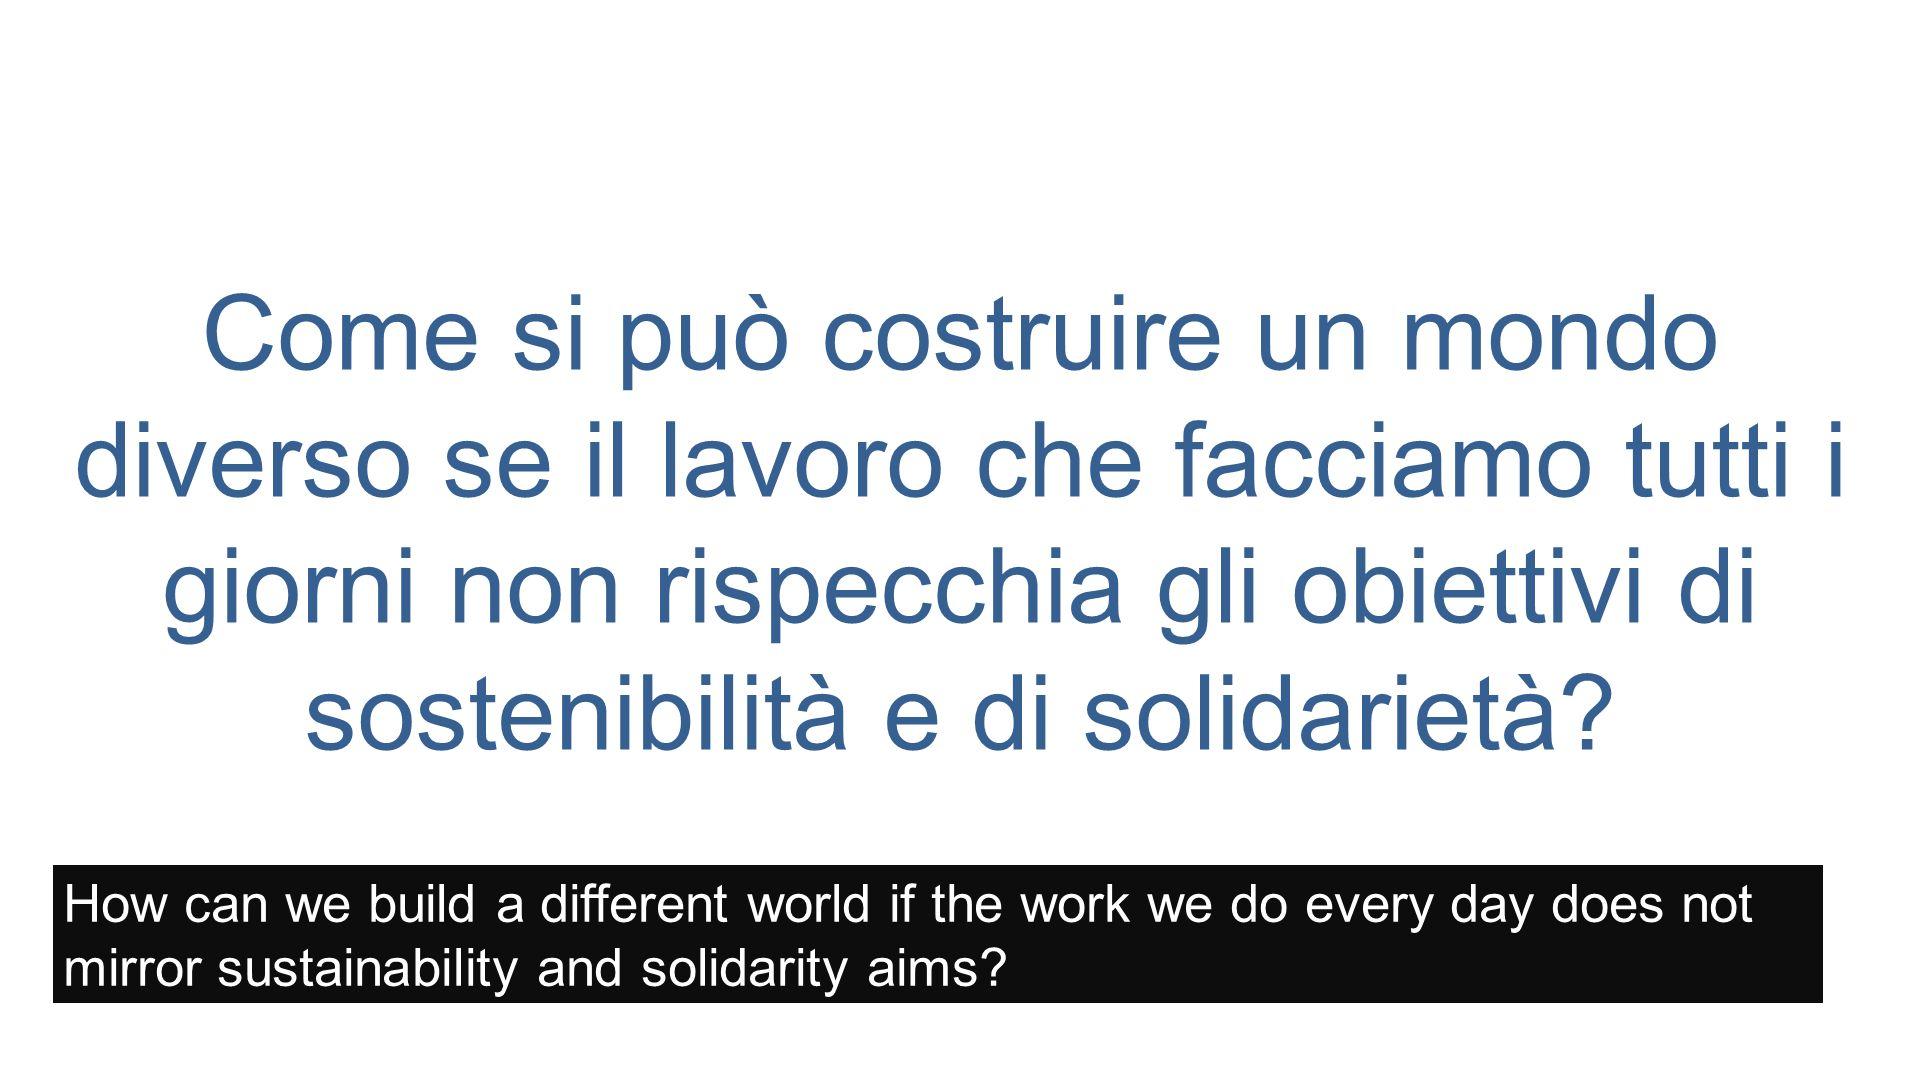 Come si può costruire un mondo diverso se il lavoro che facciamo tutti i giorni non rispecchia gli obiettivi di sostenibilità e di solidarietà? How ca